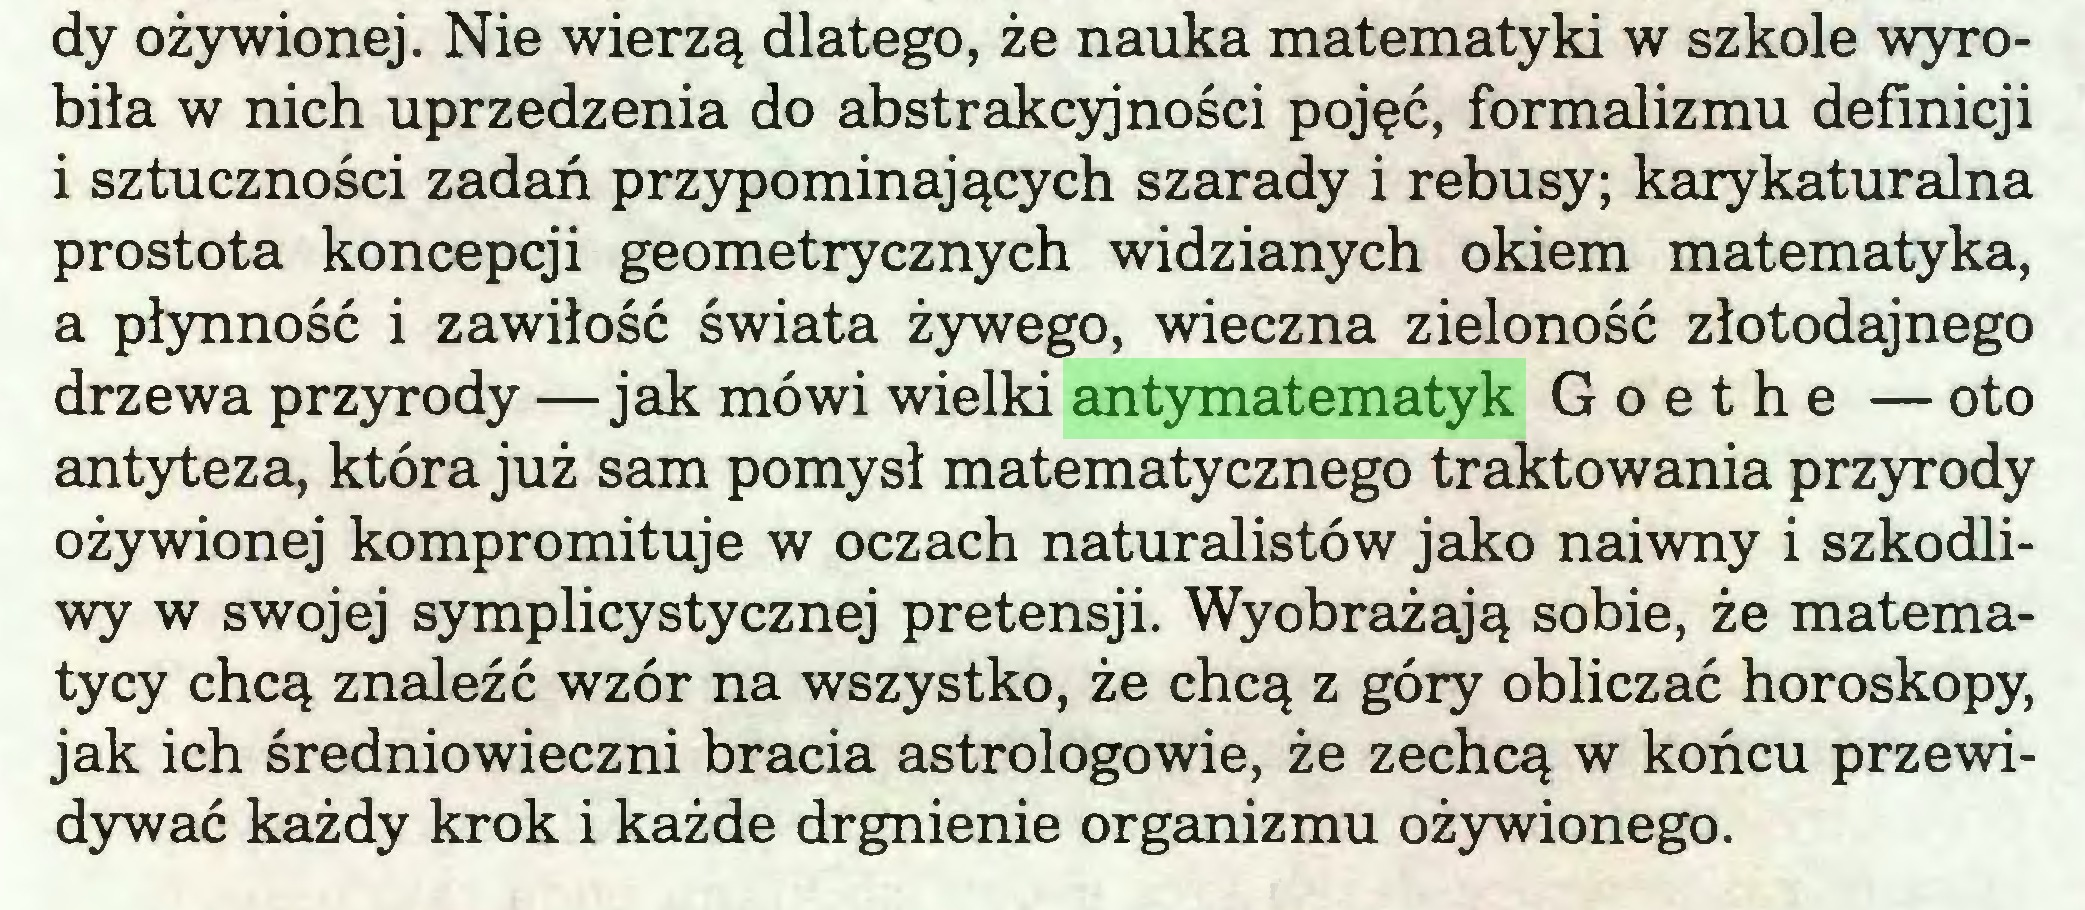 (...) dy ożywionej. Nie wierzą dlatego, że nauka matematyki w szkole wyrobiła w nich uprzedzenia do abstrakcyjności pojęć, formalizmu definicji i sztuczności zadań przypominających szarady i rebusy; karykaturalna prostota koncepcji geometrycznych widzianych okiem matematyka, a płynność i zawiłość świata żywego, wieczna zieloność złotodajnego drzewa przyrody —jak mówi wielki antymatematyk Goethe — oto antyteza, która już sam pomysł matematycznego traktowania przyrody ożywionej kompromituje w oczach naturalistów jako naiwny i szkodliwy w swojej symplicystycznej pretensji. Wyobrażają sobie, że matematycy chcą znaleźć wzór na wszystko, że chcą z góry obliczać horoskopy, jak ich średniowieczni bracia astrologowie, że zechcą w końcu przewidywać każdy krok i każde drgnienie organizmu ożywionego...